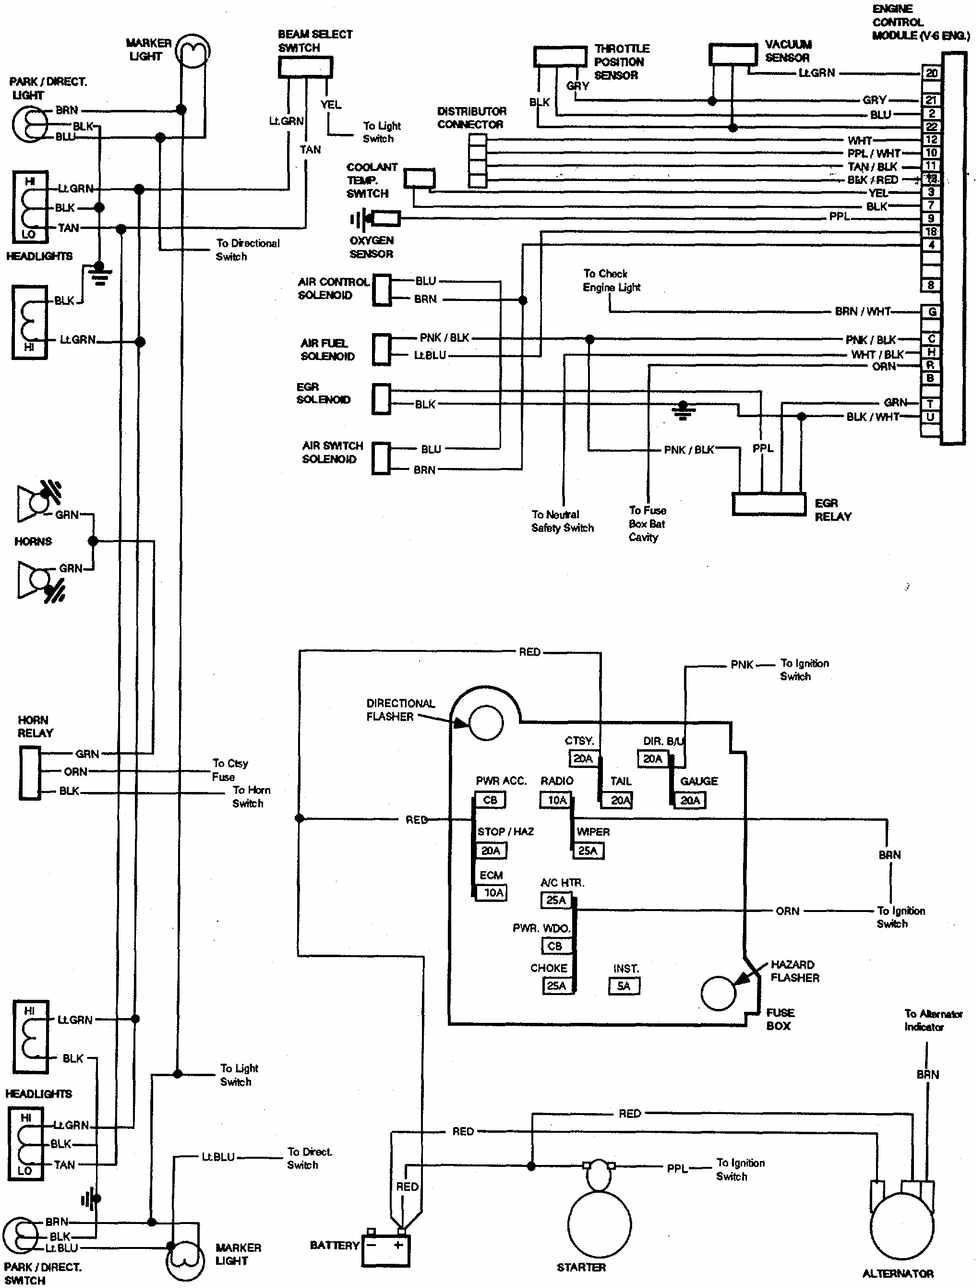 97 camaro turn signal wiring diagram